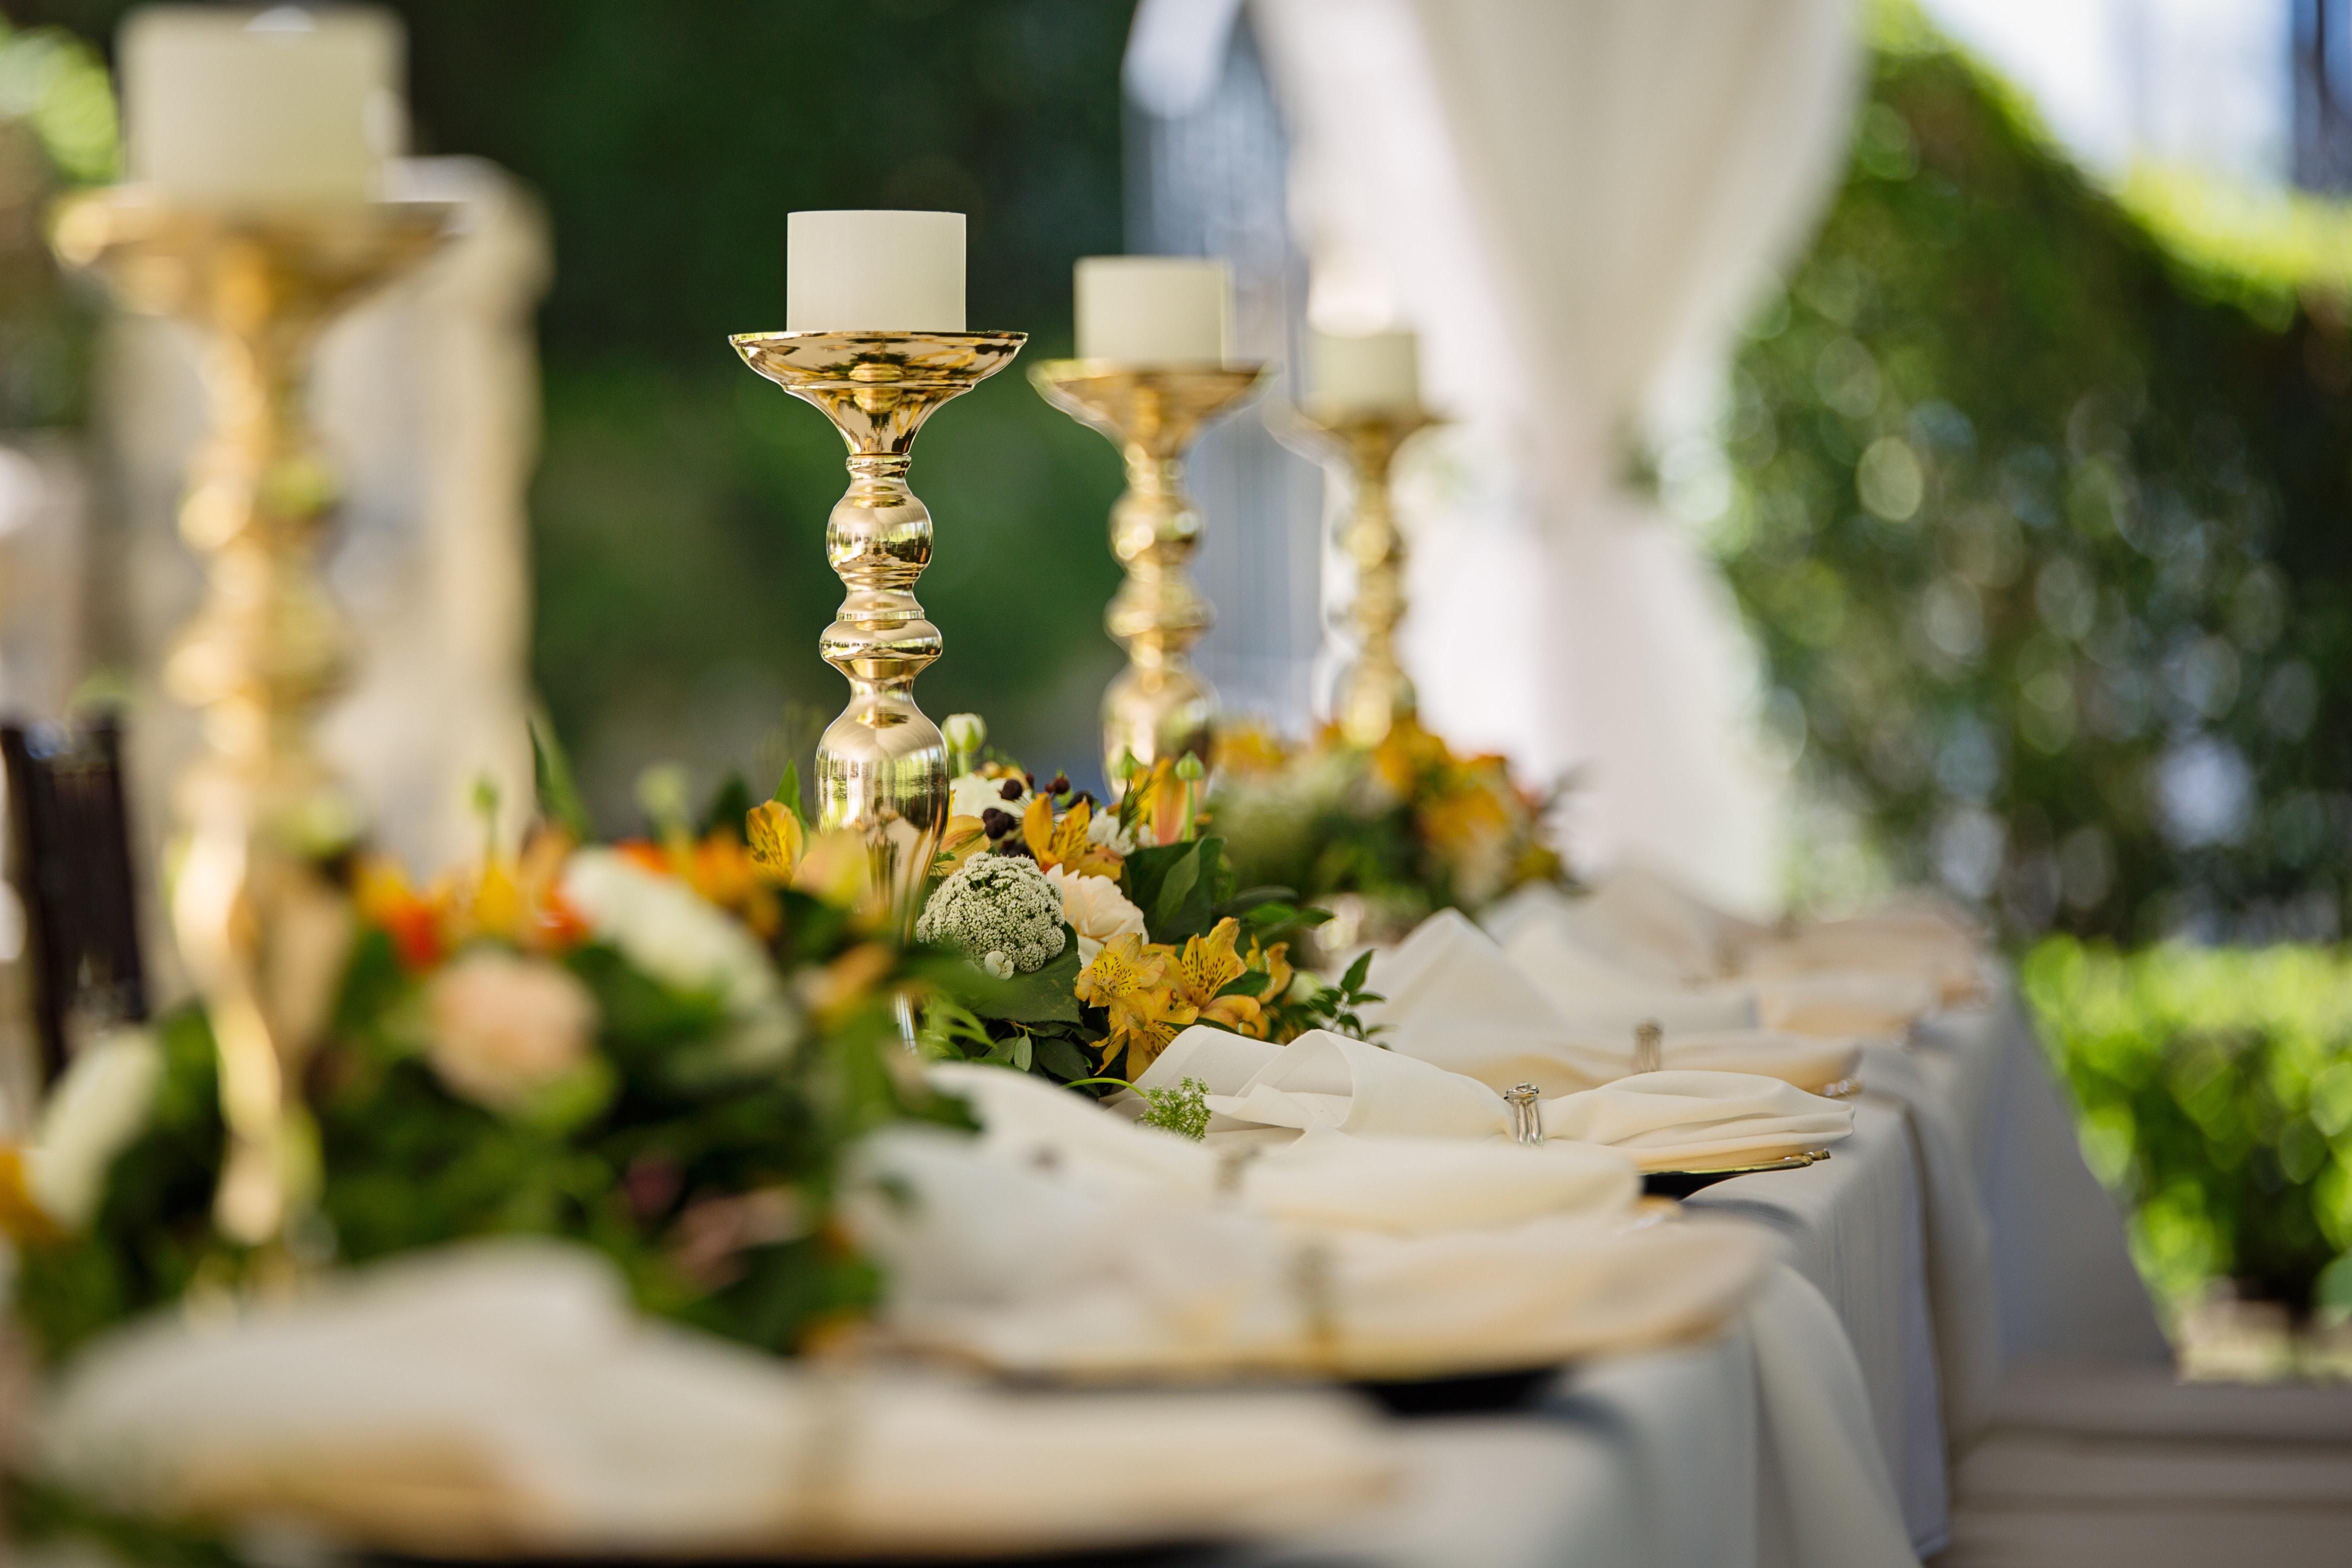 bouquet-candlestick-cutlery-1128782.jpg